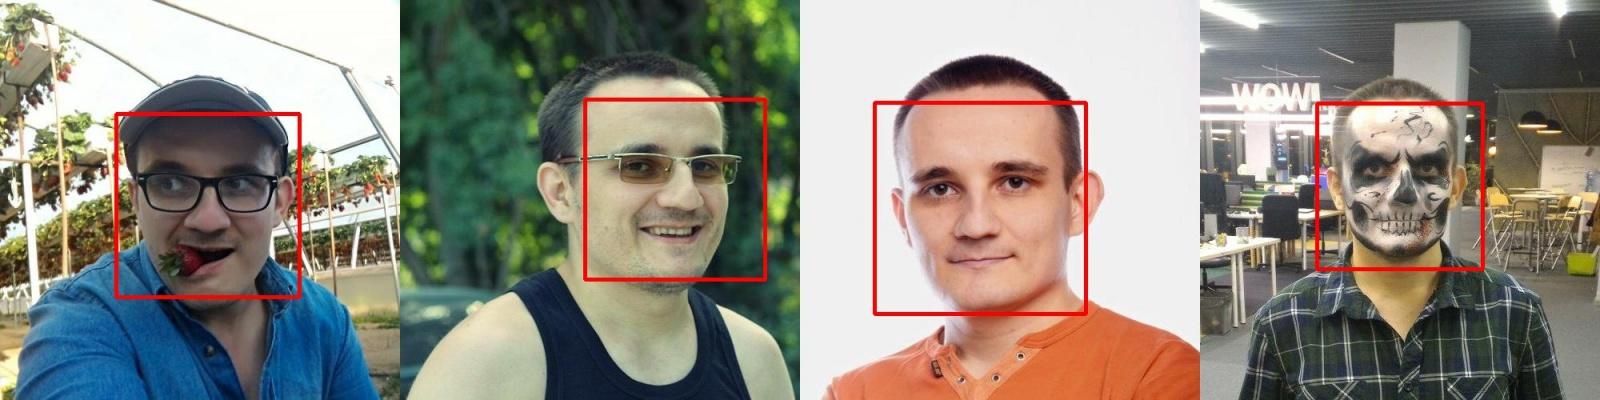 Компьютерное зрение и машинное обучение в PHP используя библиотеку opencv - 5